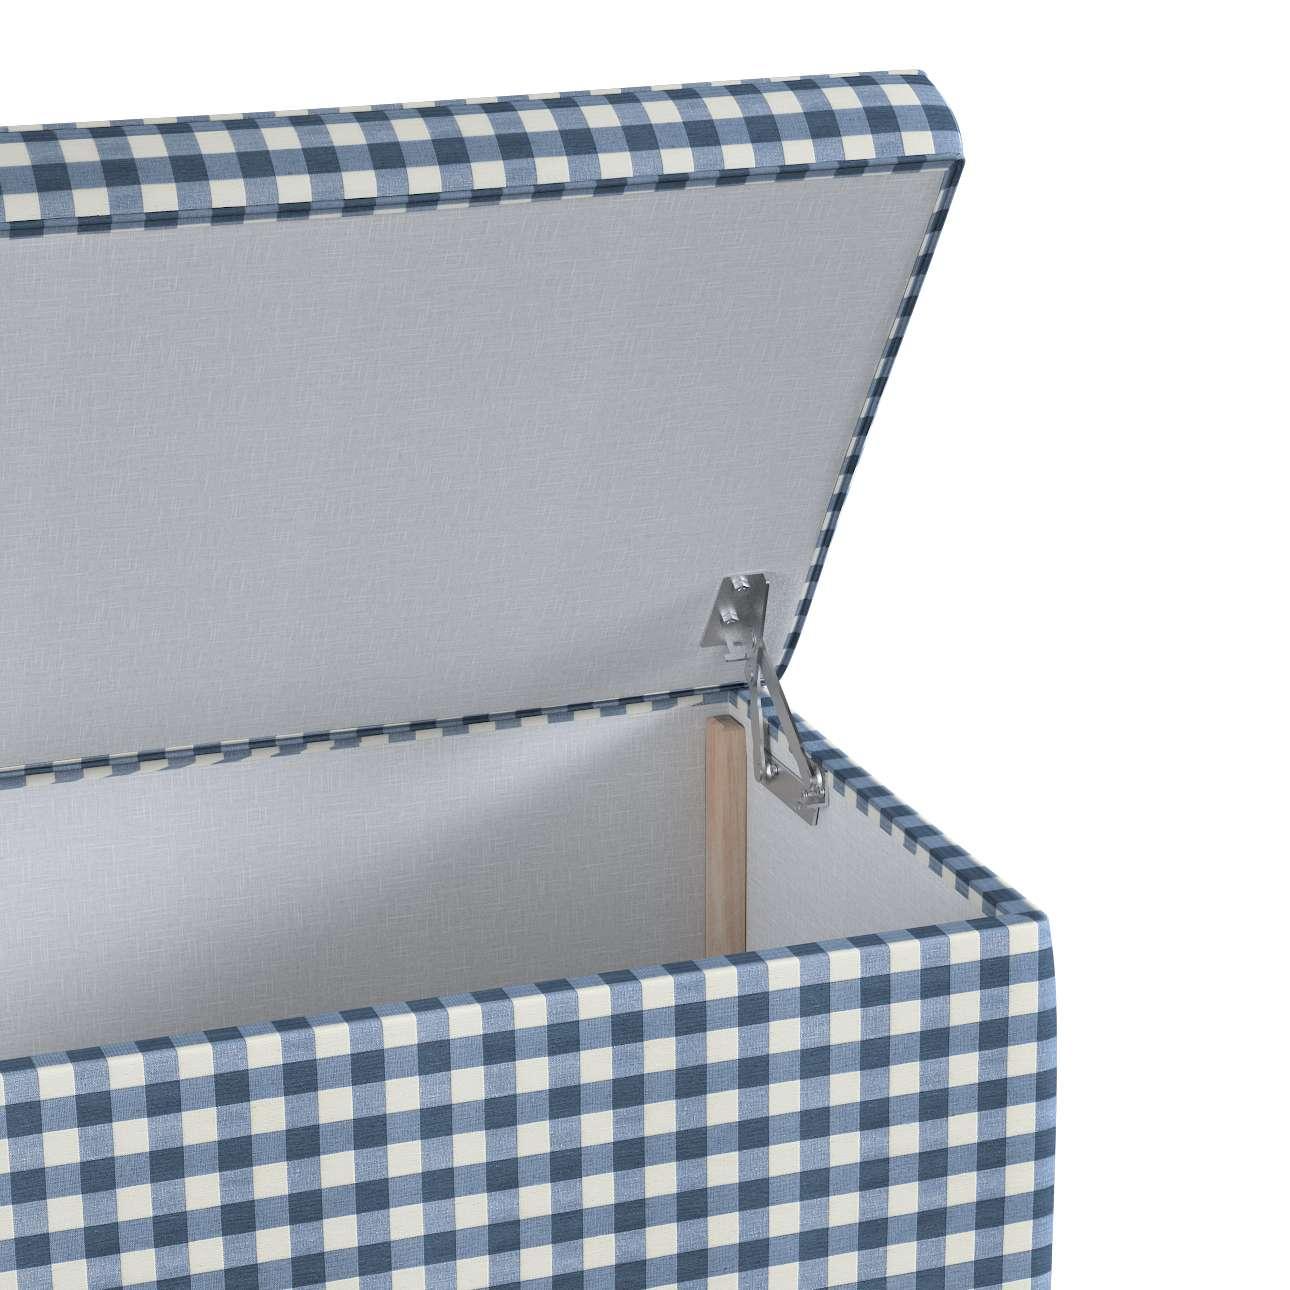 Čalouněná skříň s volbou látky - 2 velikosti v kolekci Quadro, látka: 136-01